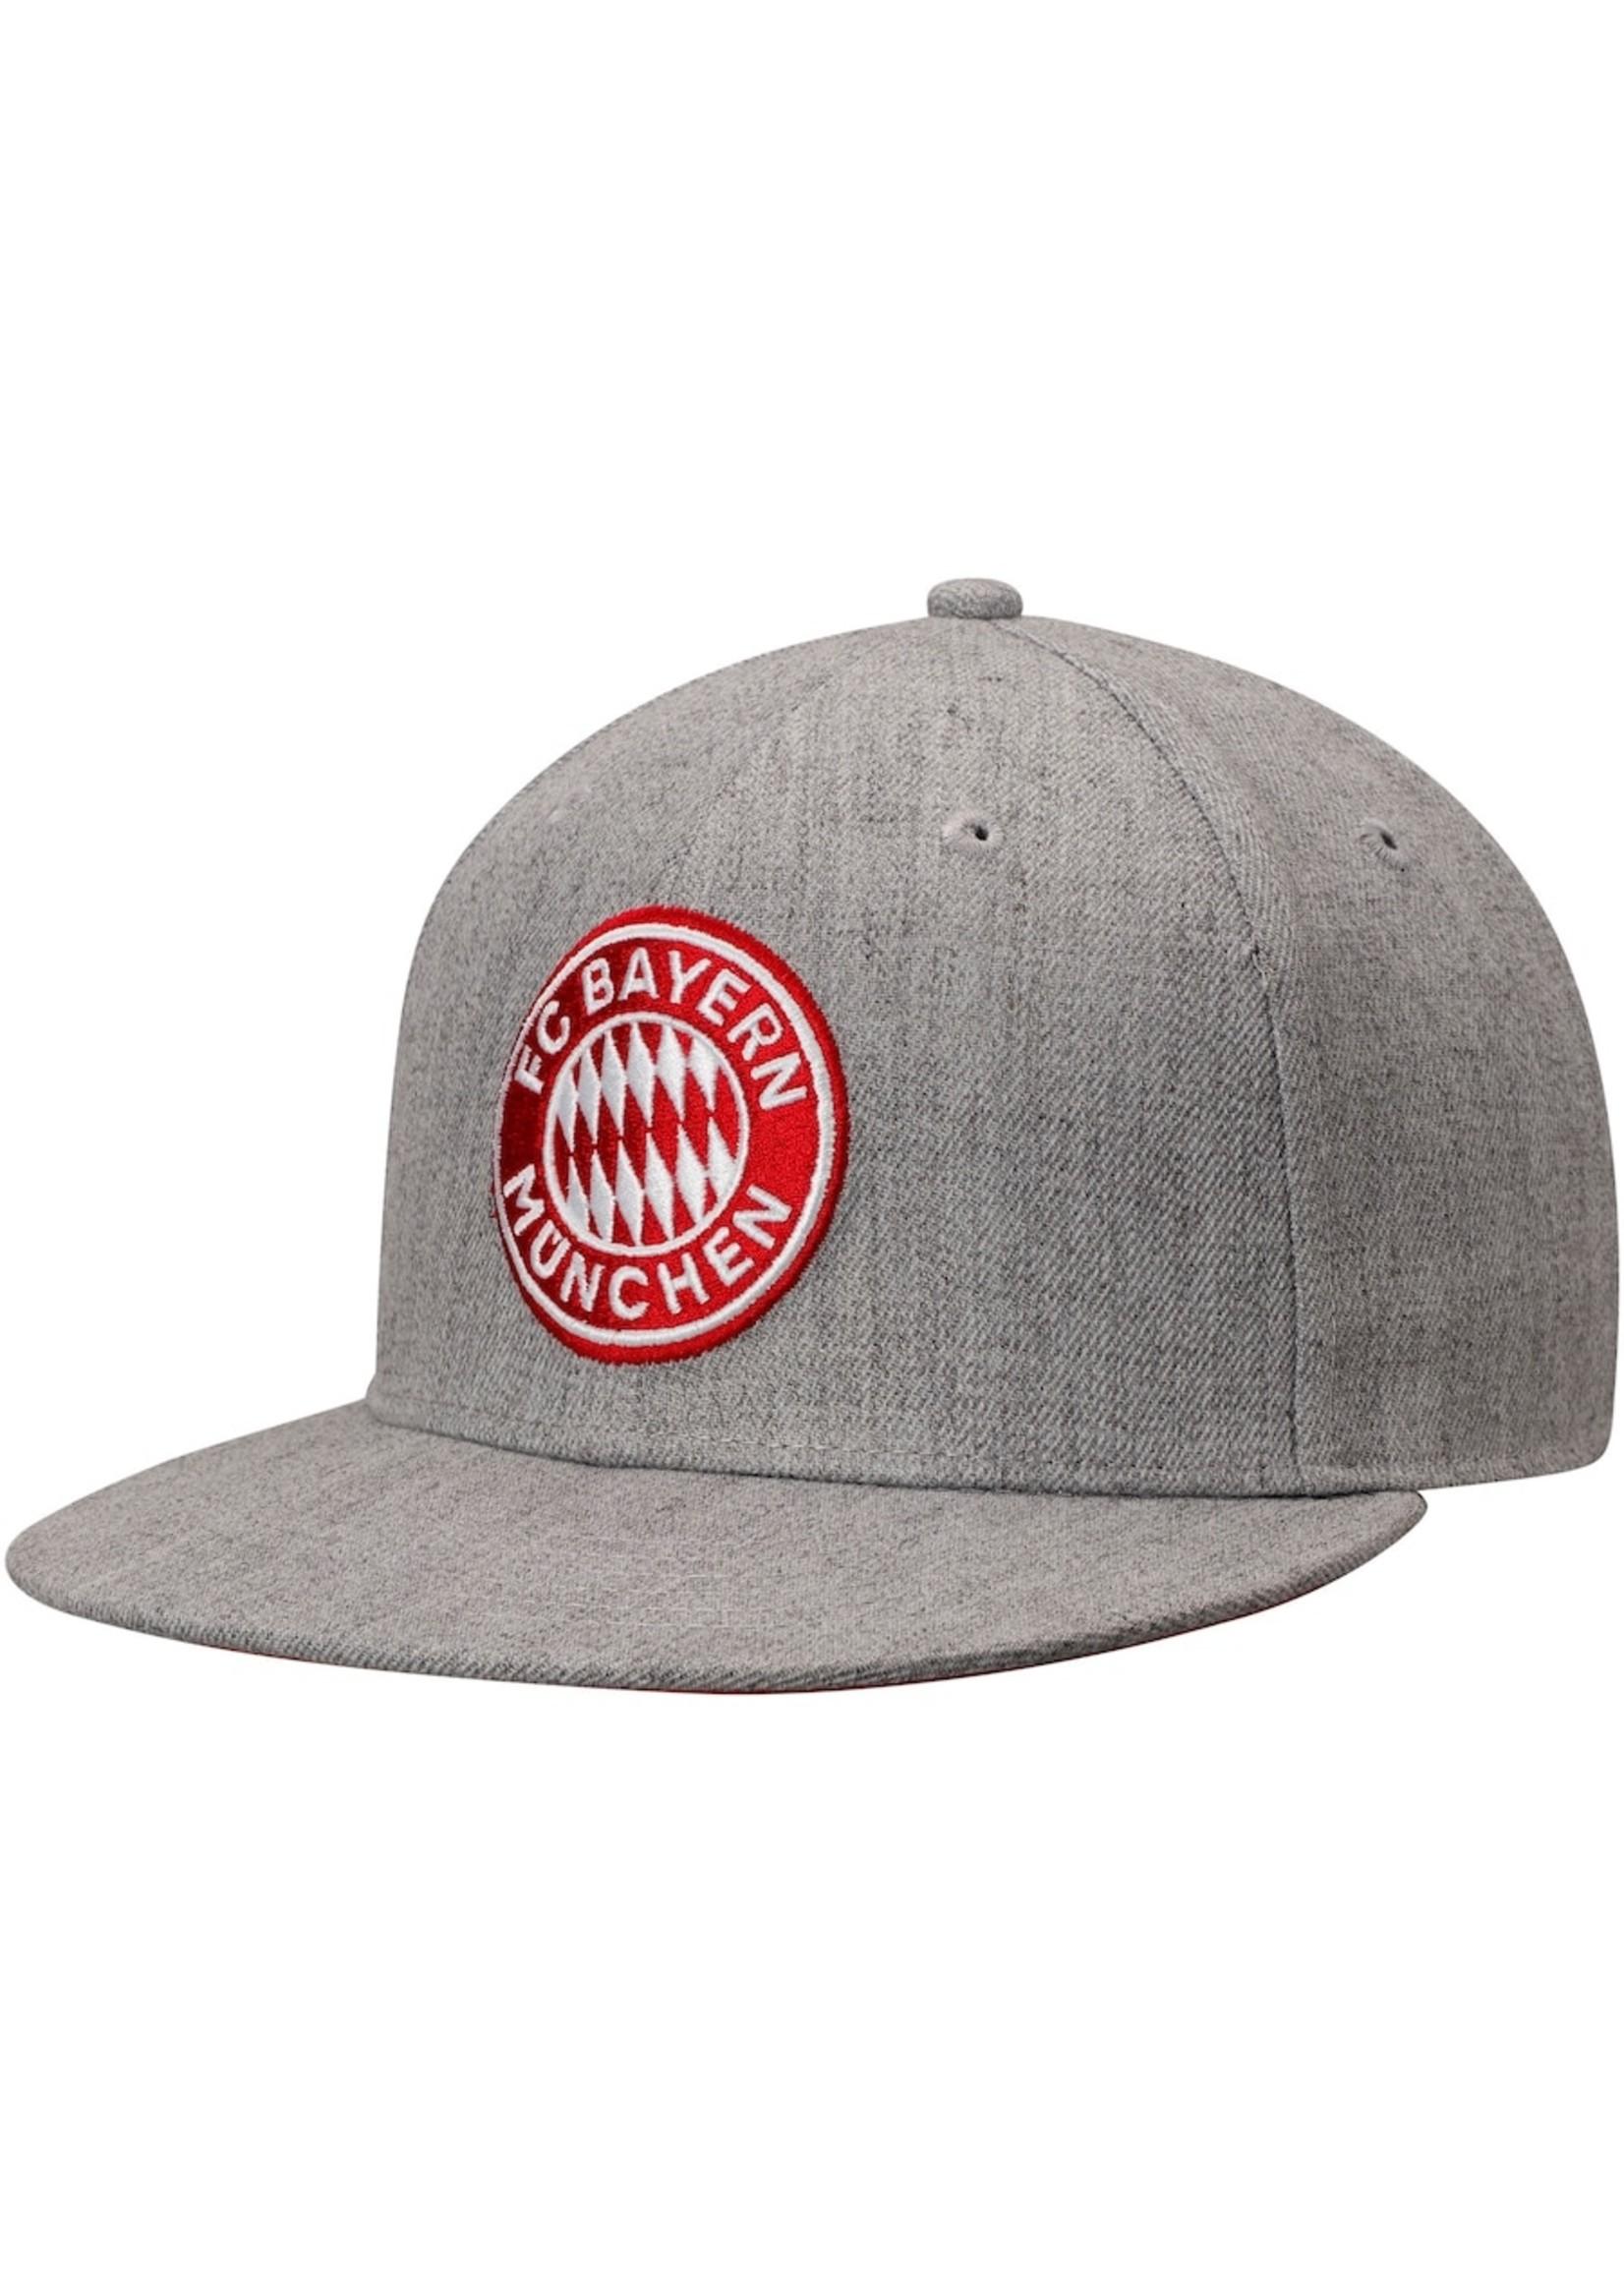 Adidas Bayern Munich Cap - Grey